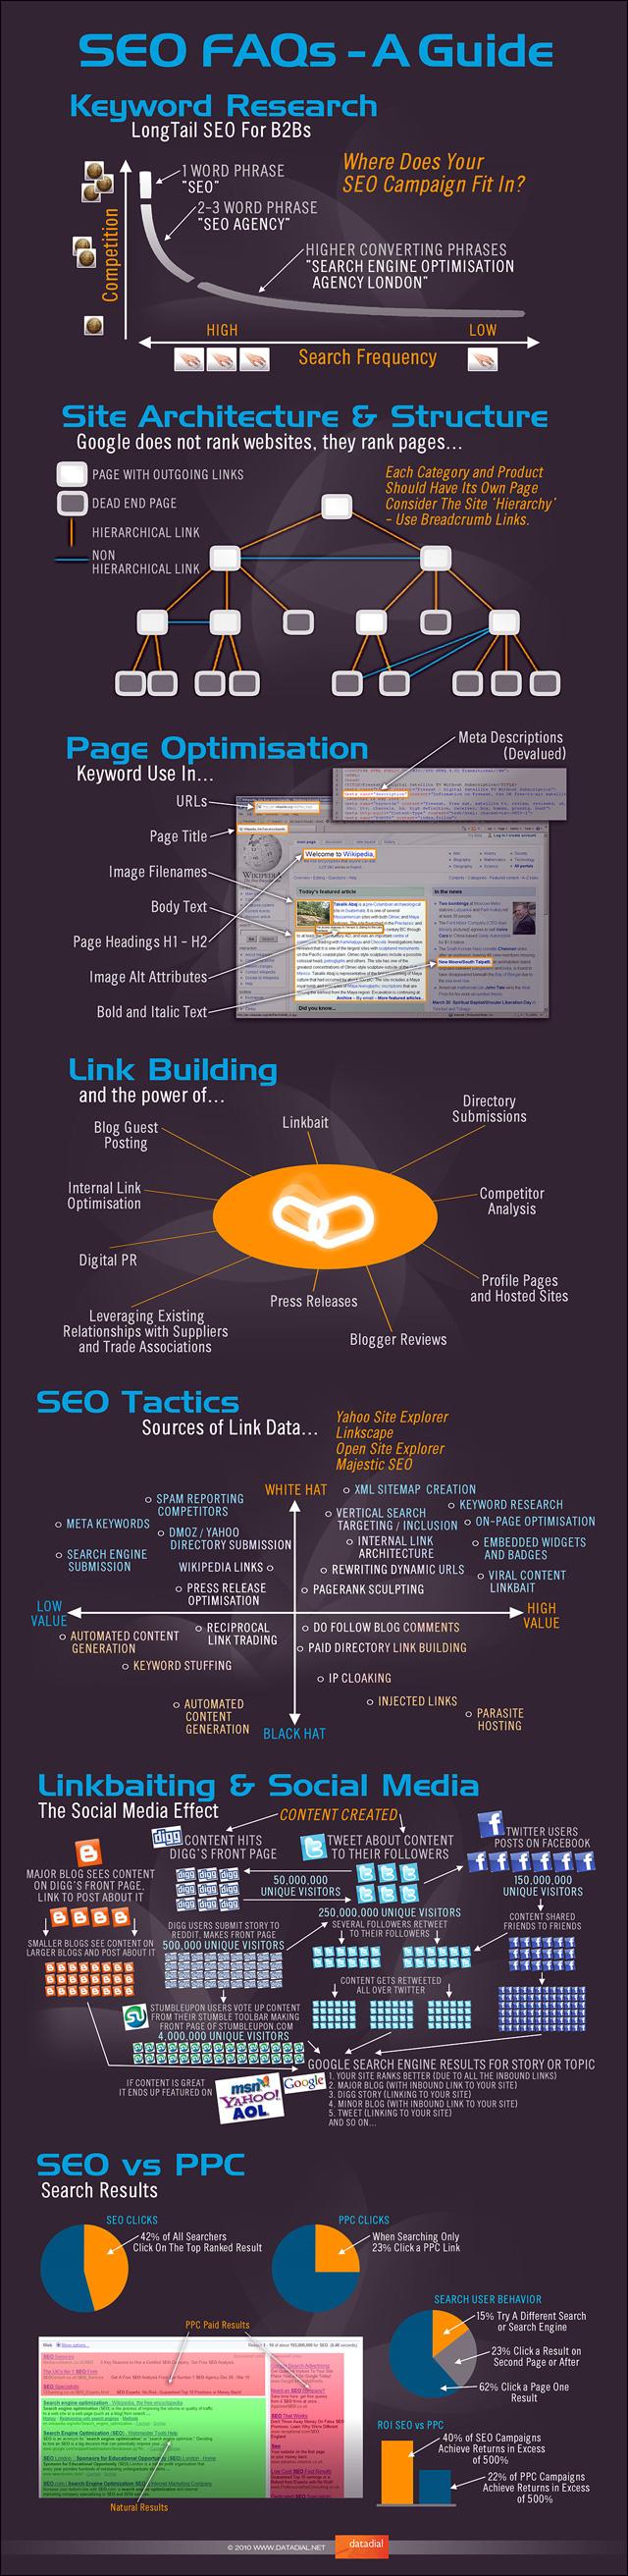 guide tutoriel graphique image SEO